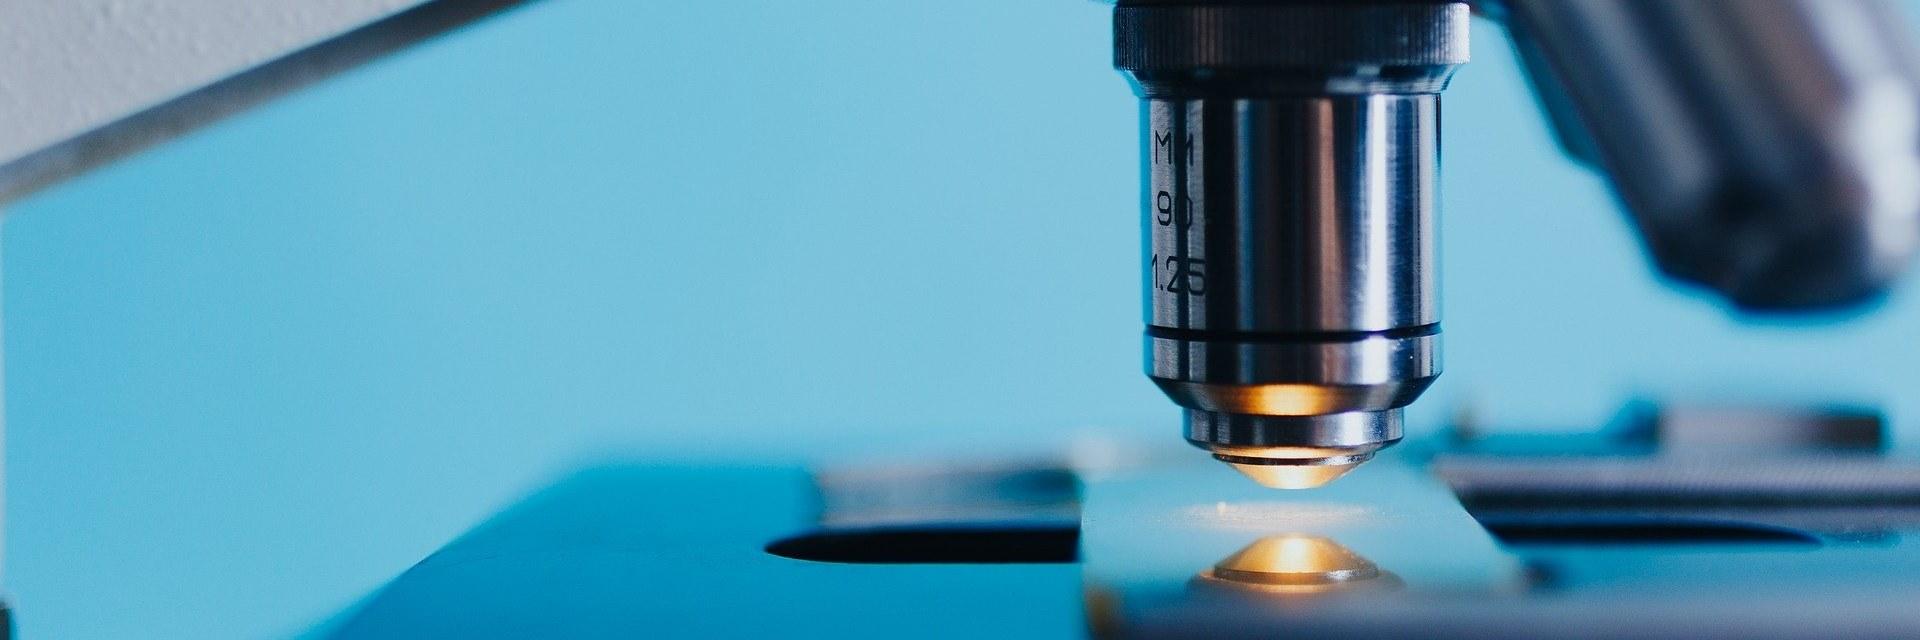 Biyokimya 2021 Taban Puanları ve Başarı Sıralamaları